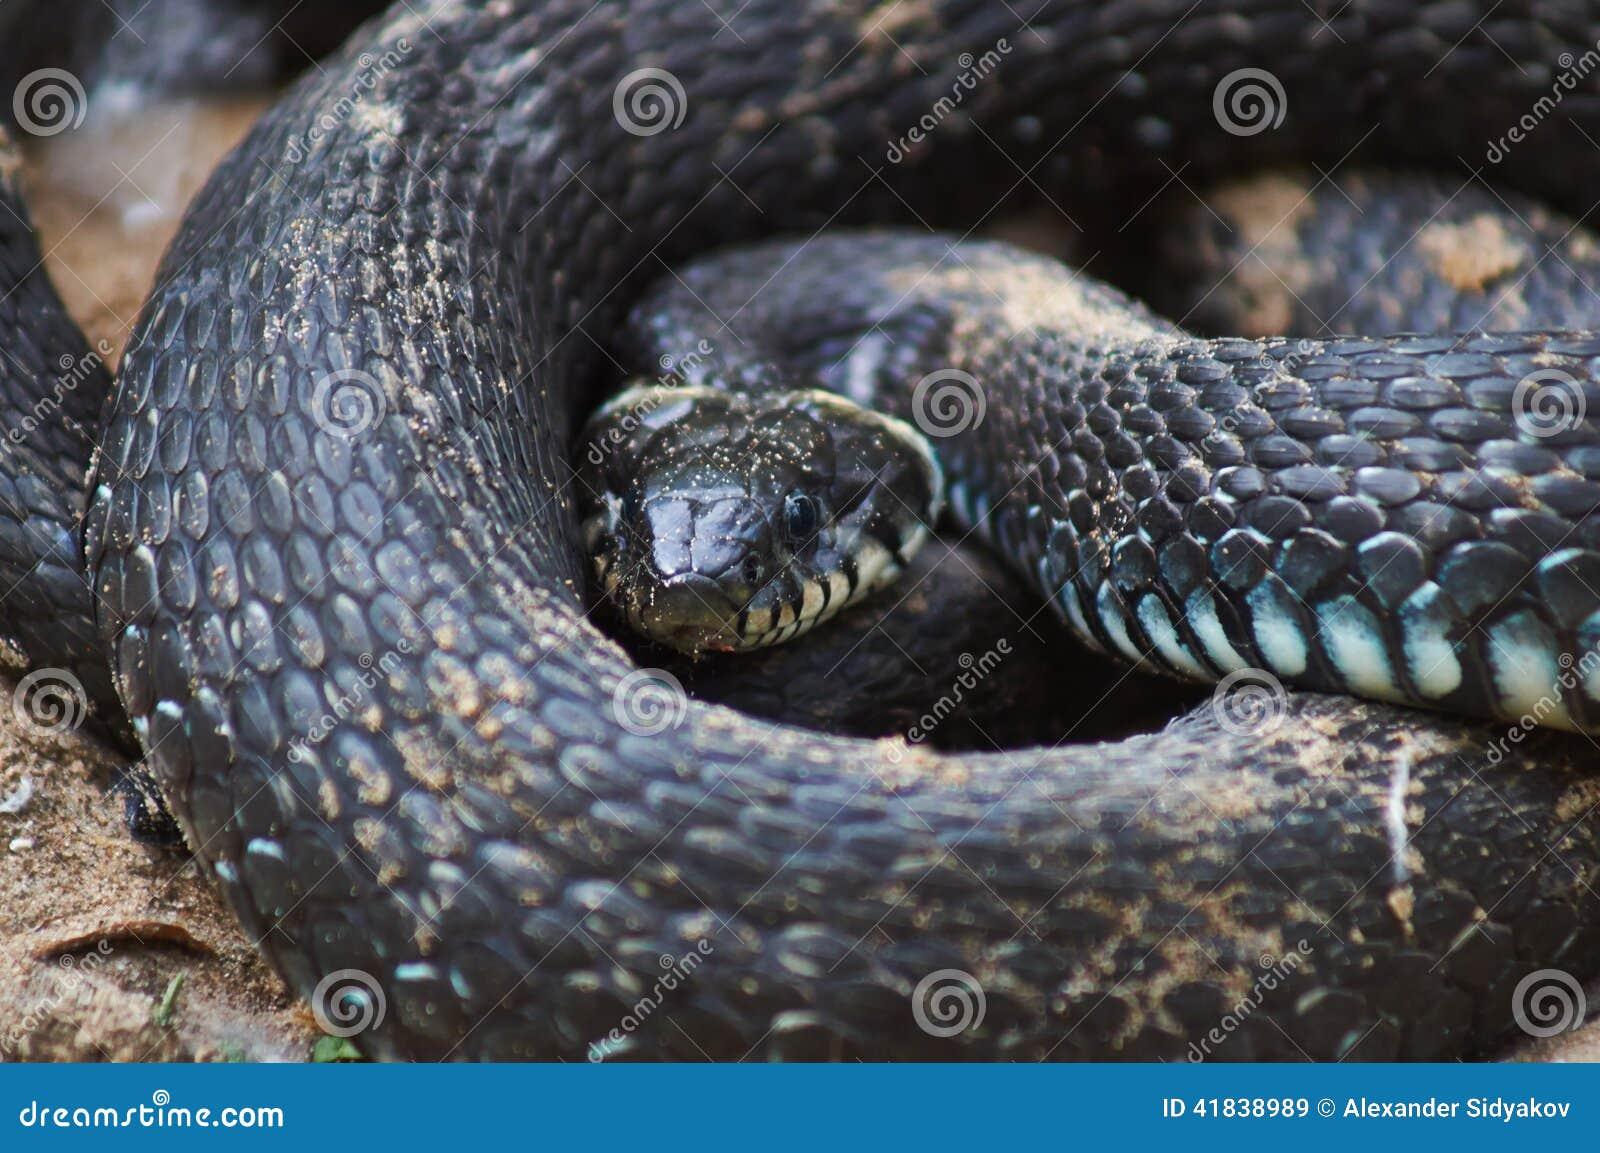 噢-无毒性的蛇,而且发出嘘声并且咬住.